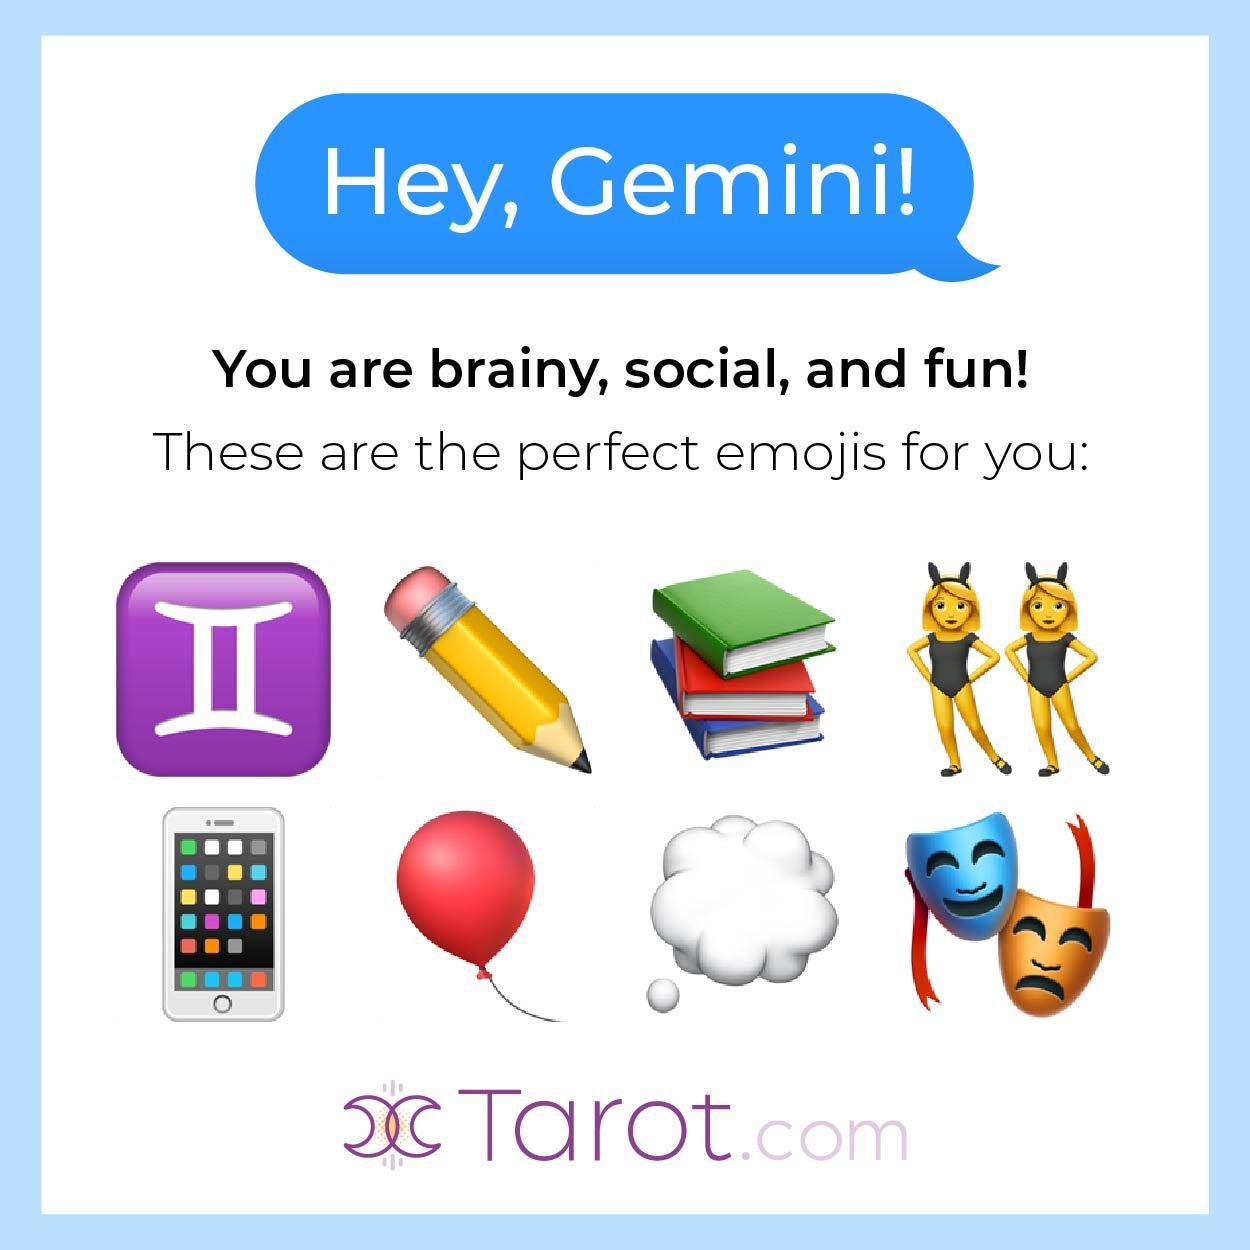 Gemini Emojis